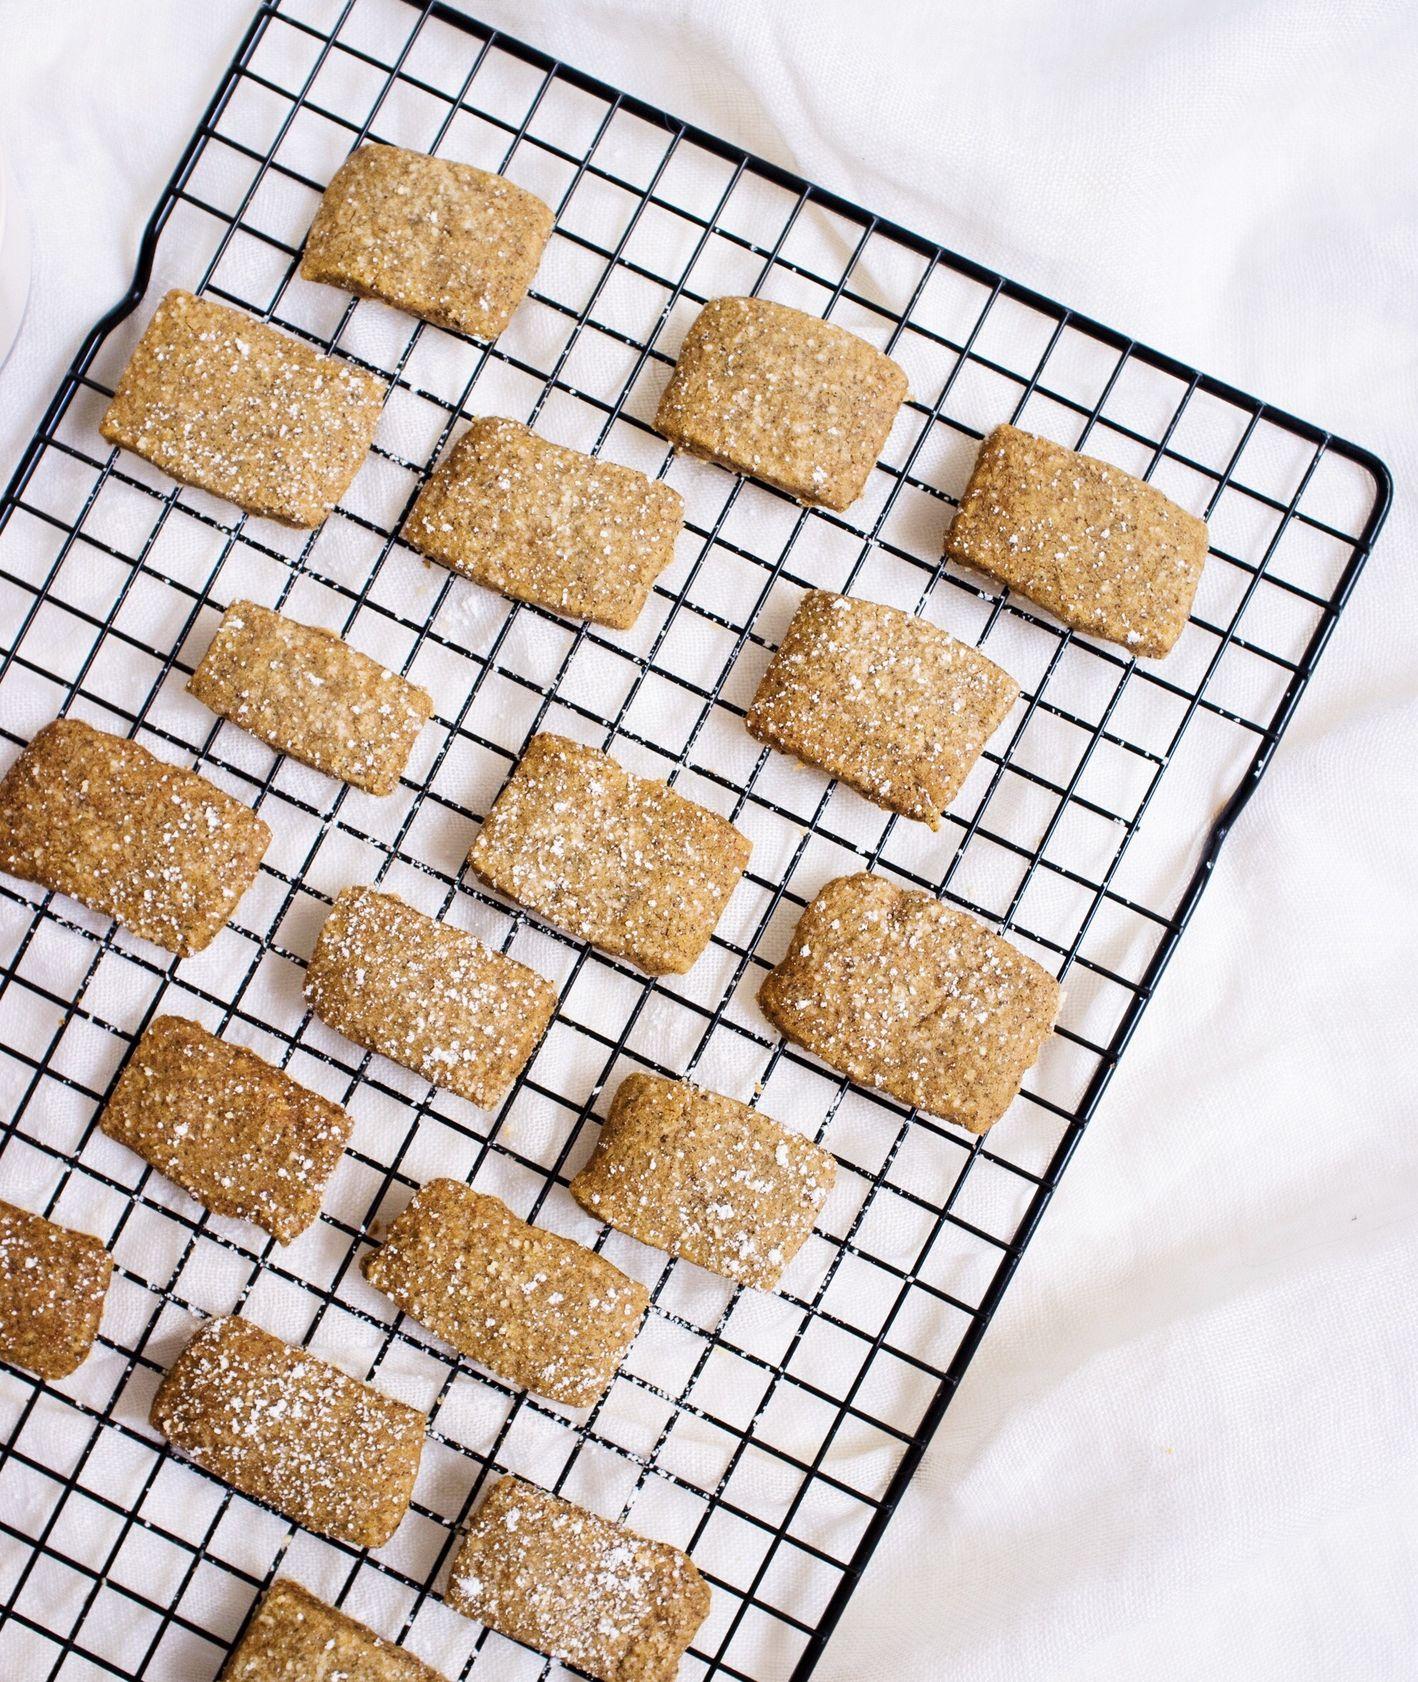 Upieczone maślane ciasteczka z fusami po kawie (fot. Zuza Rożek)